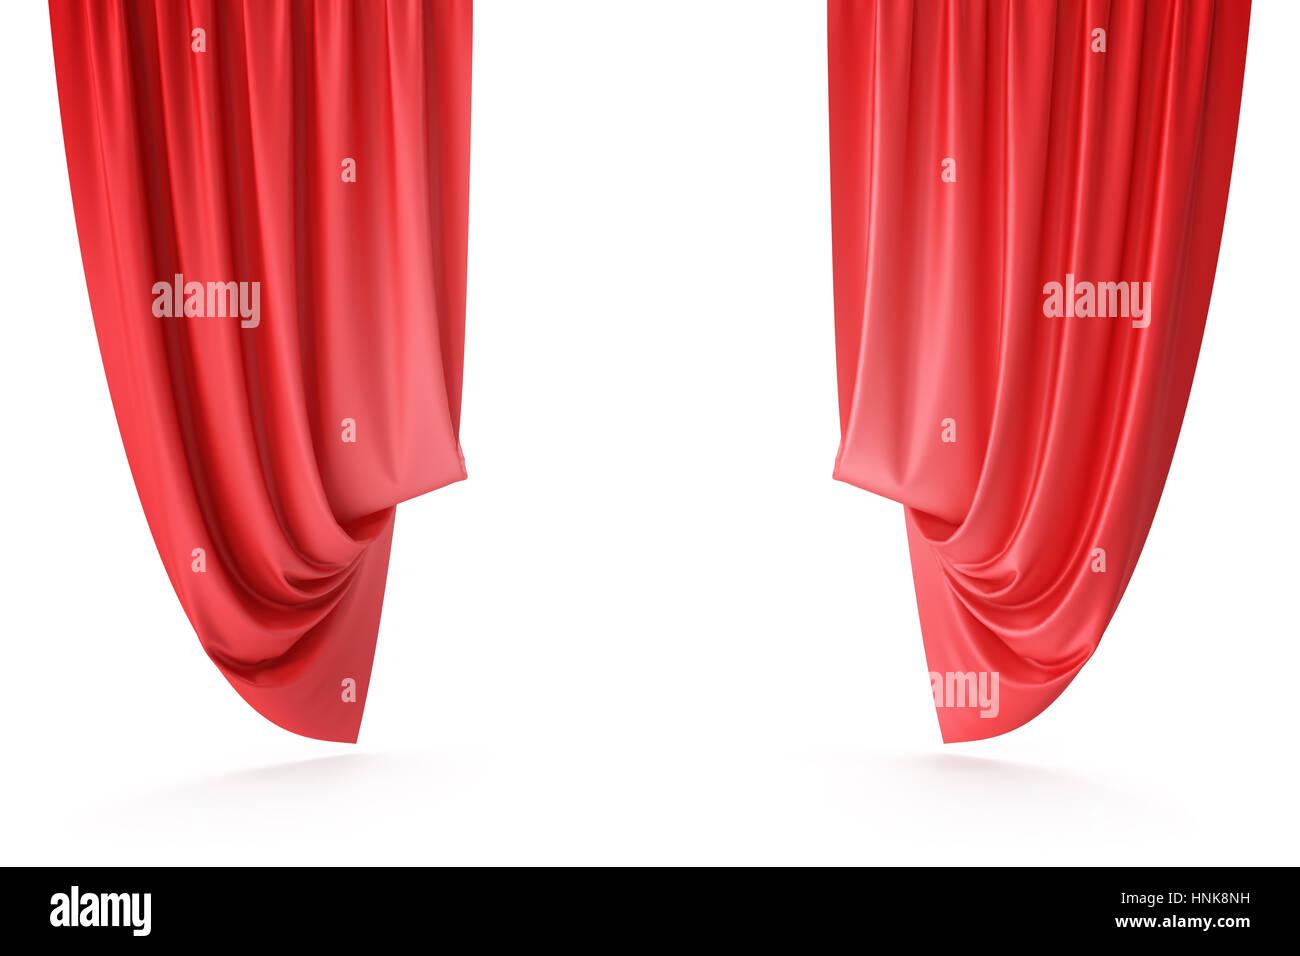 Tende In Velluto Di Seta velluto rosso stadio tende, scarlet theatre drappeggi. seta